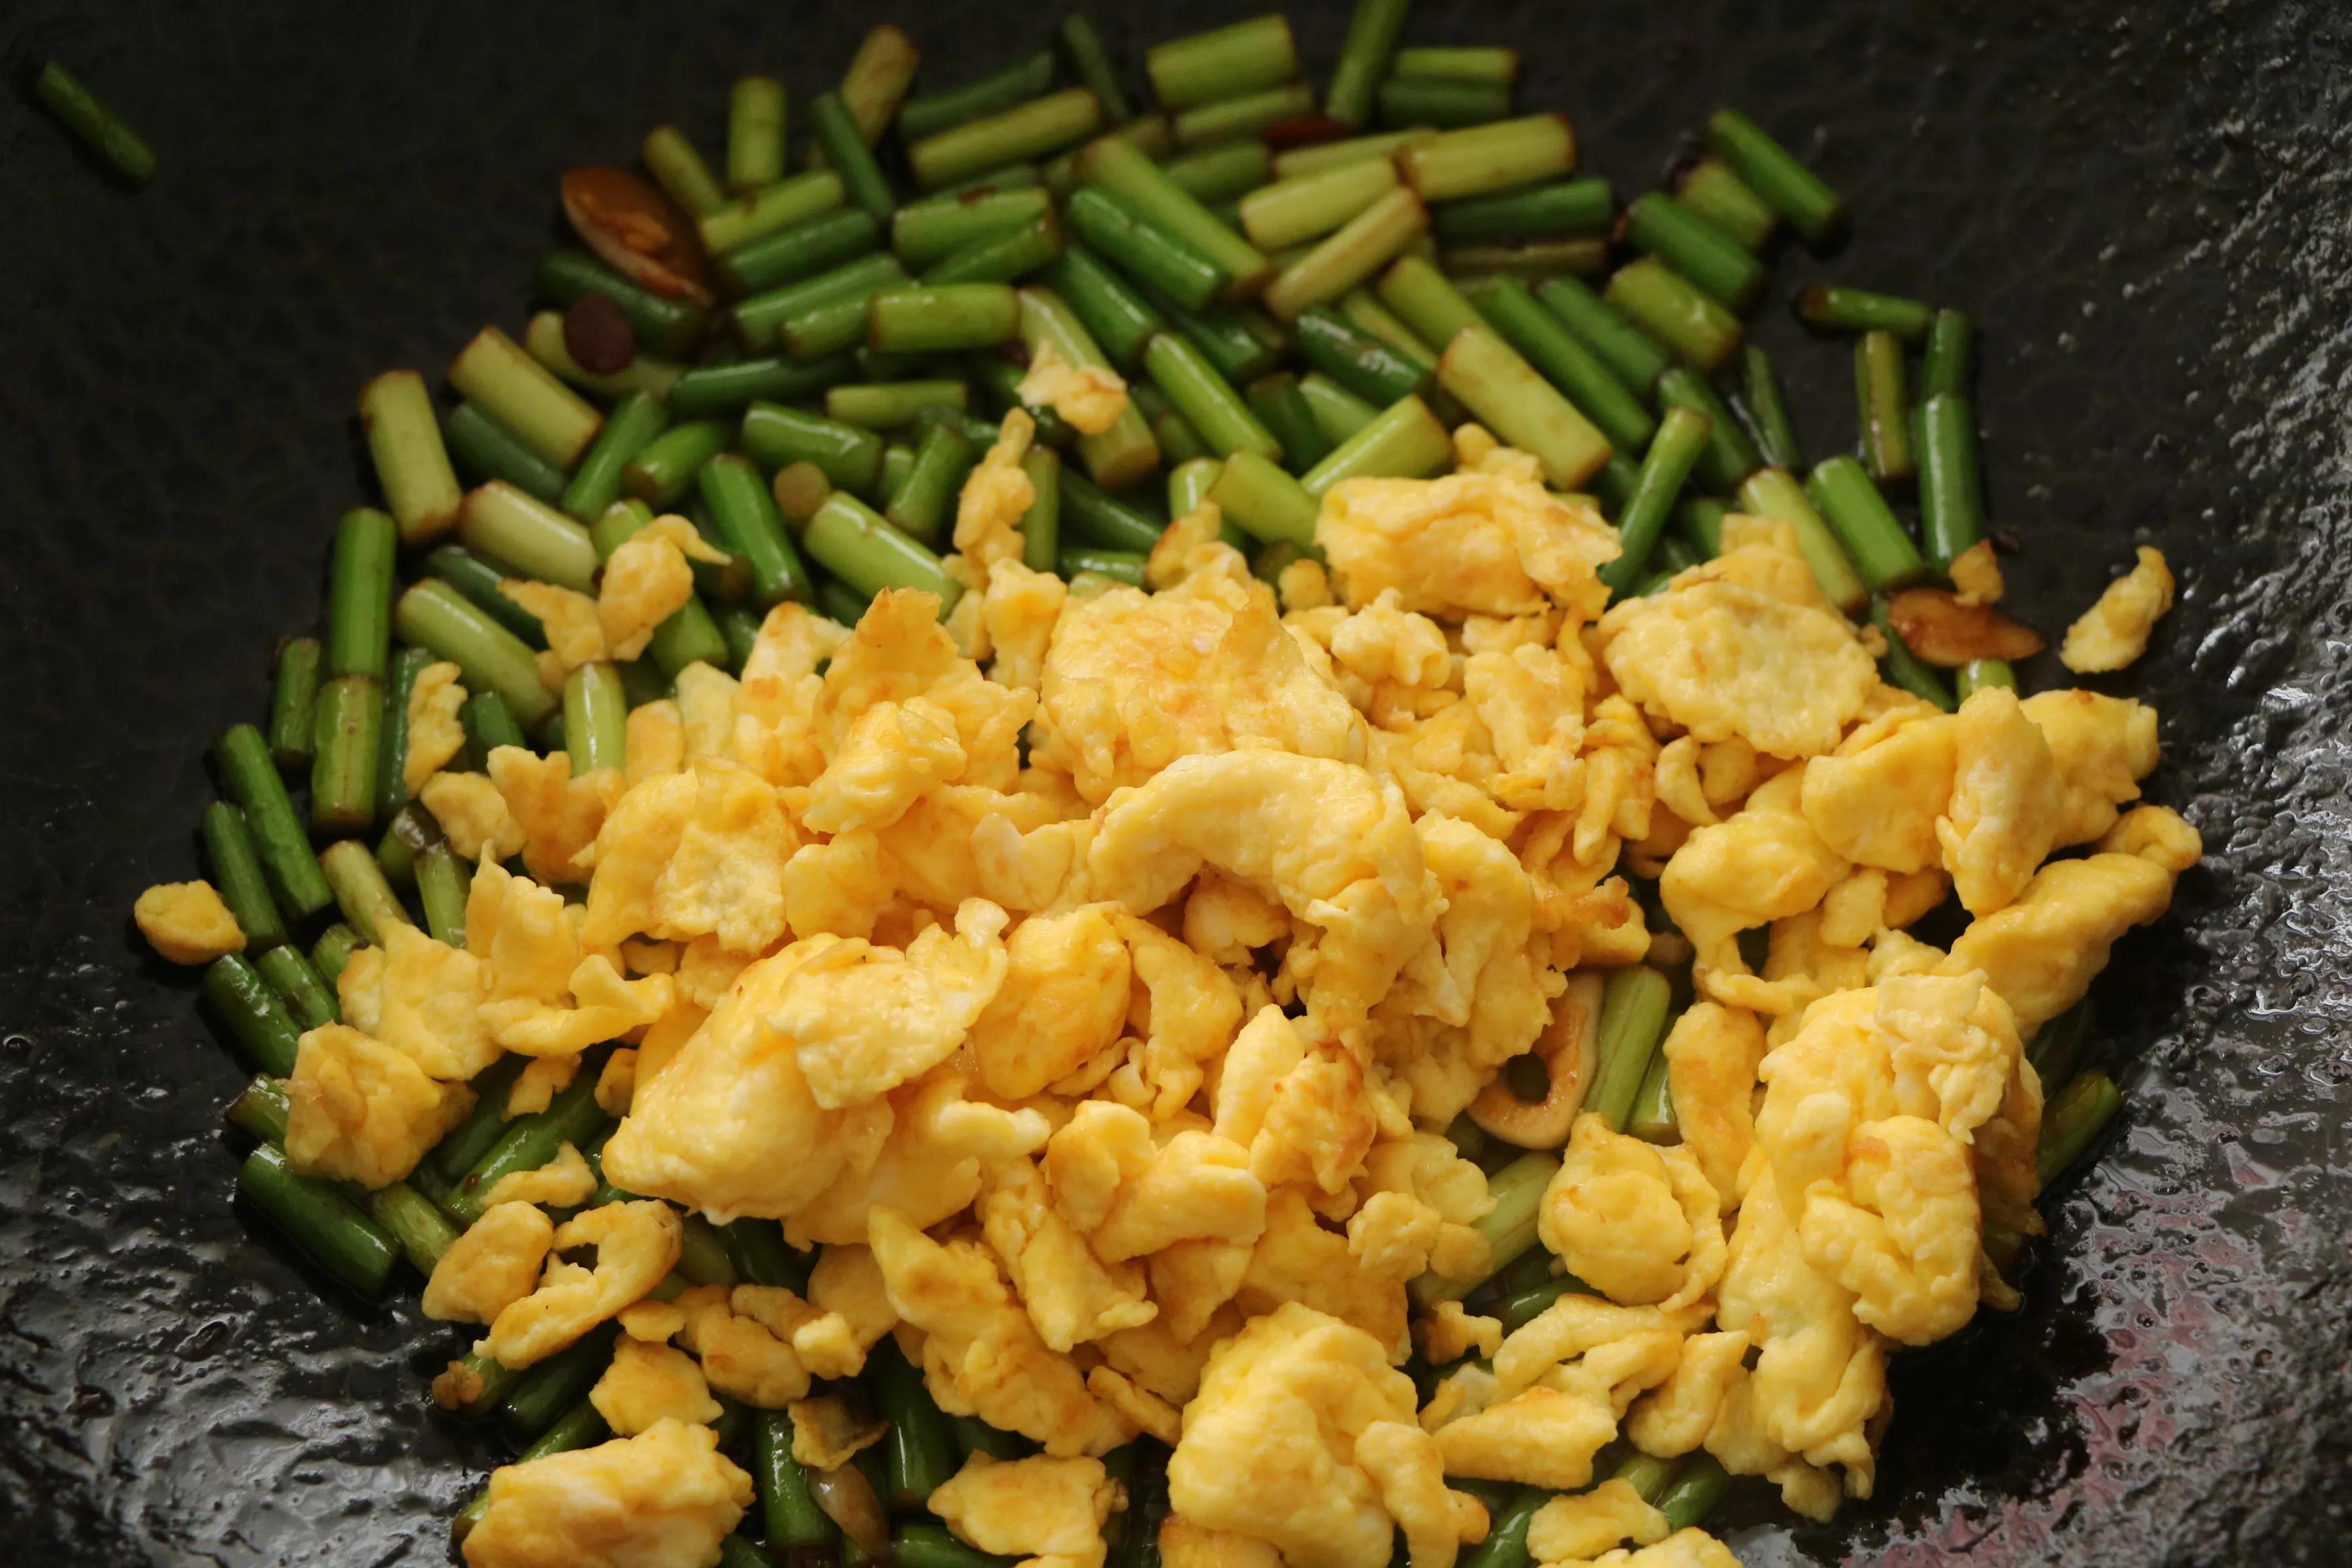 鸡蛋和蒜薹的新吃法,酱香美味,鲜嫩好吃,特下饭!一定要试试 美食做法 第10张